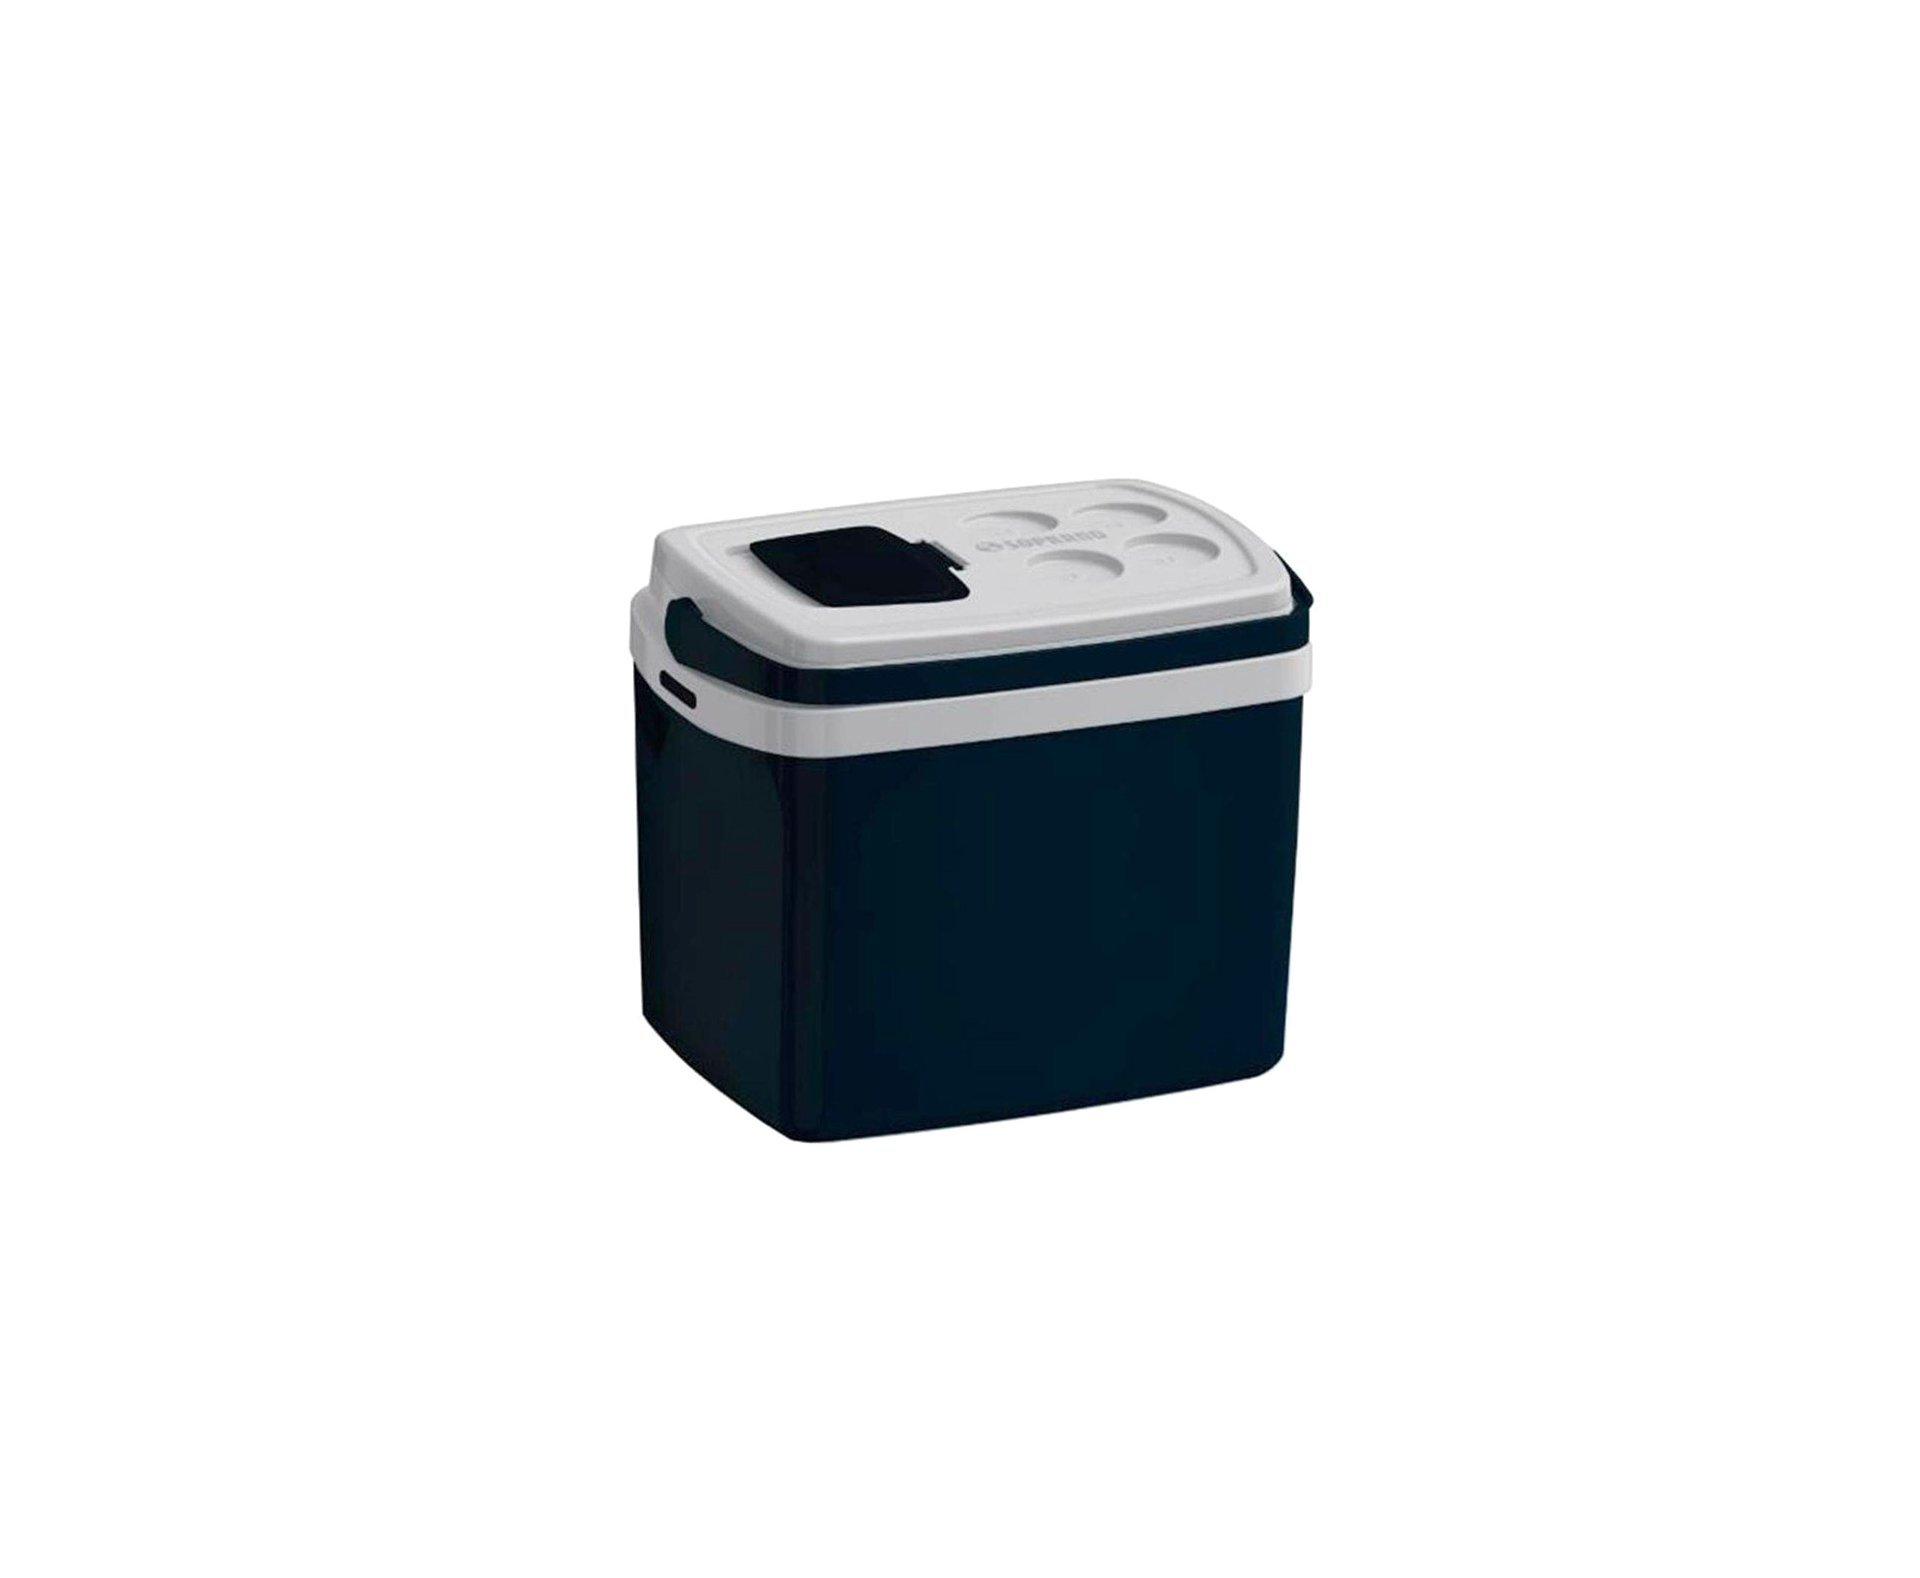 Caixa Termica Tropical 32l Preta - Soprano